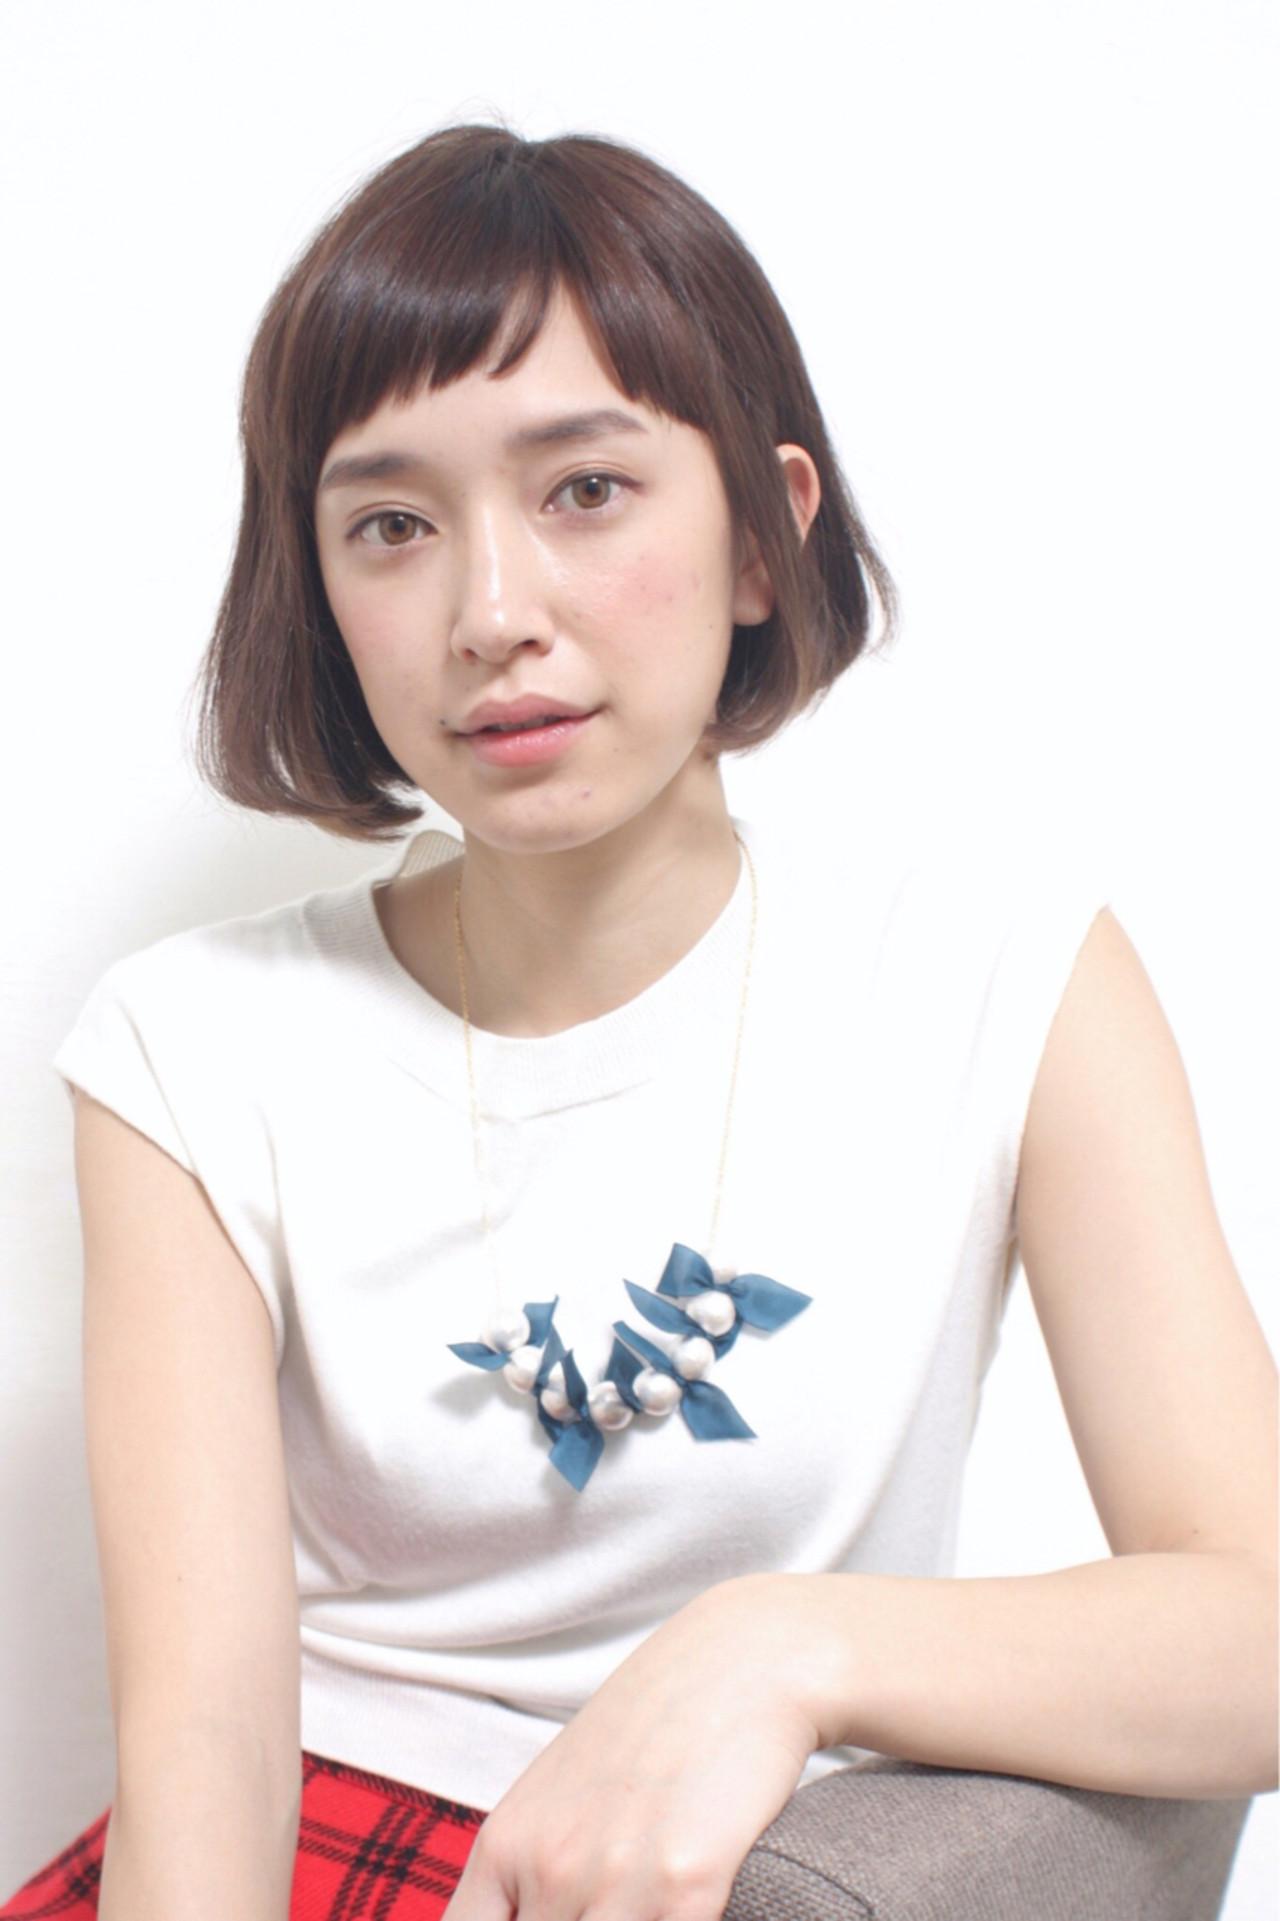 【男子ウケバツグン!】人気の髪型、ストレートヘアに挑戦しよう♡ 三好 佳奈美